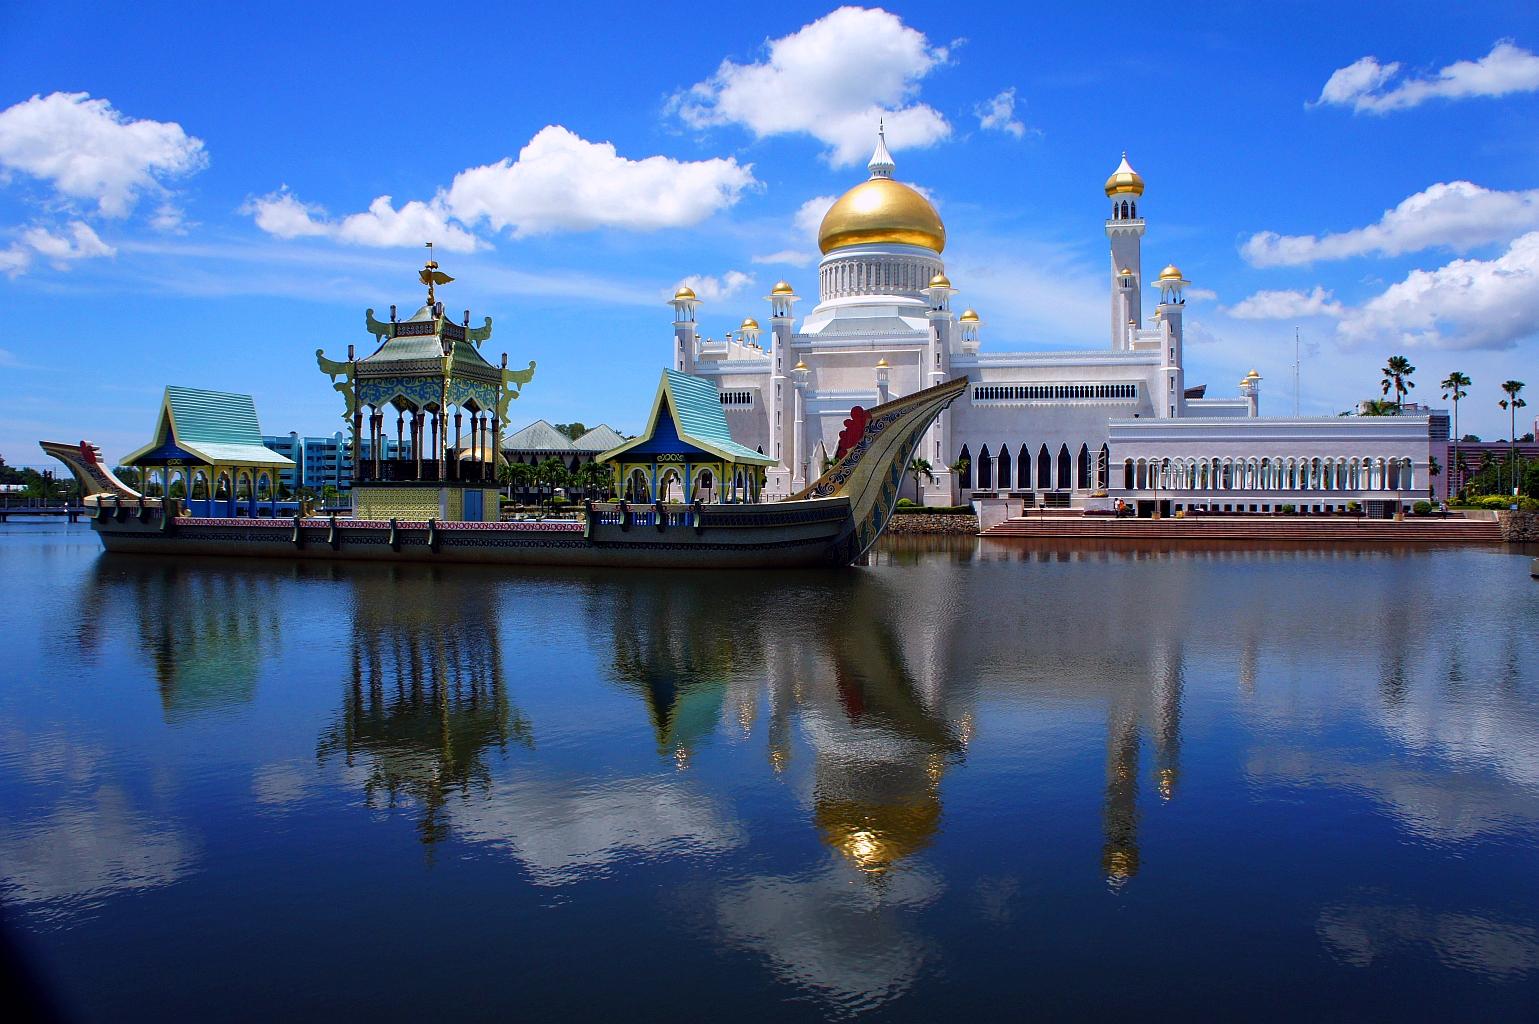 ブルネイ王国